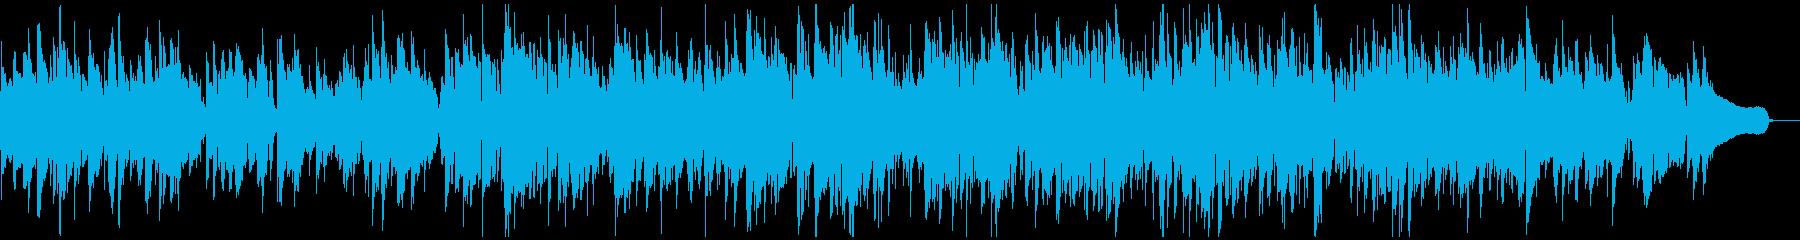 ふんわり優しいジェントルなソフトジャズの再生済みの波形